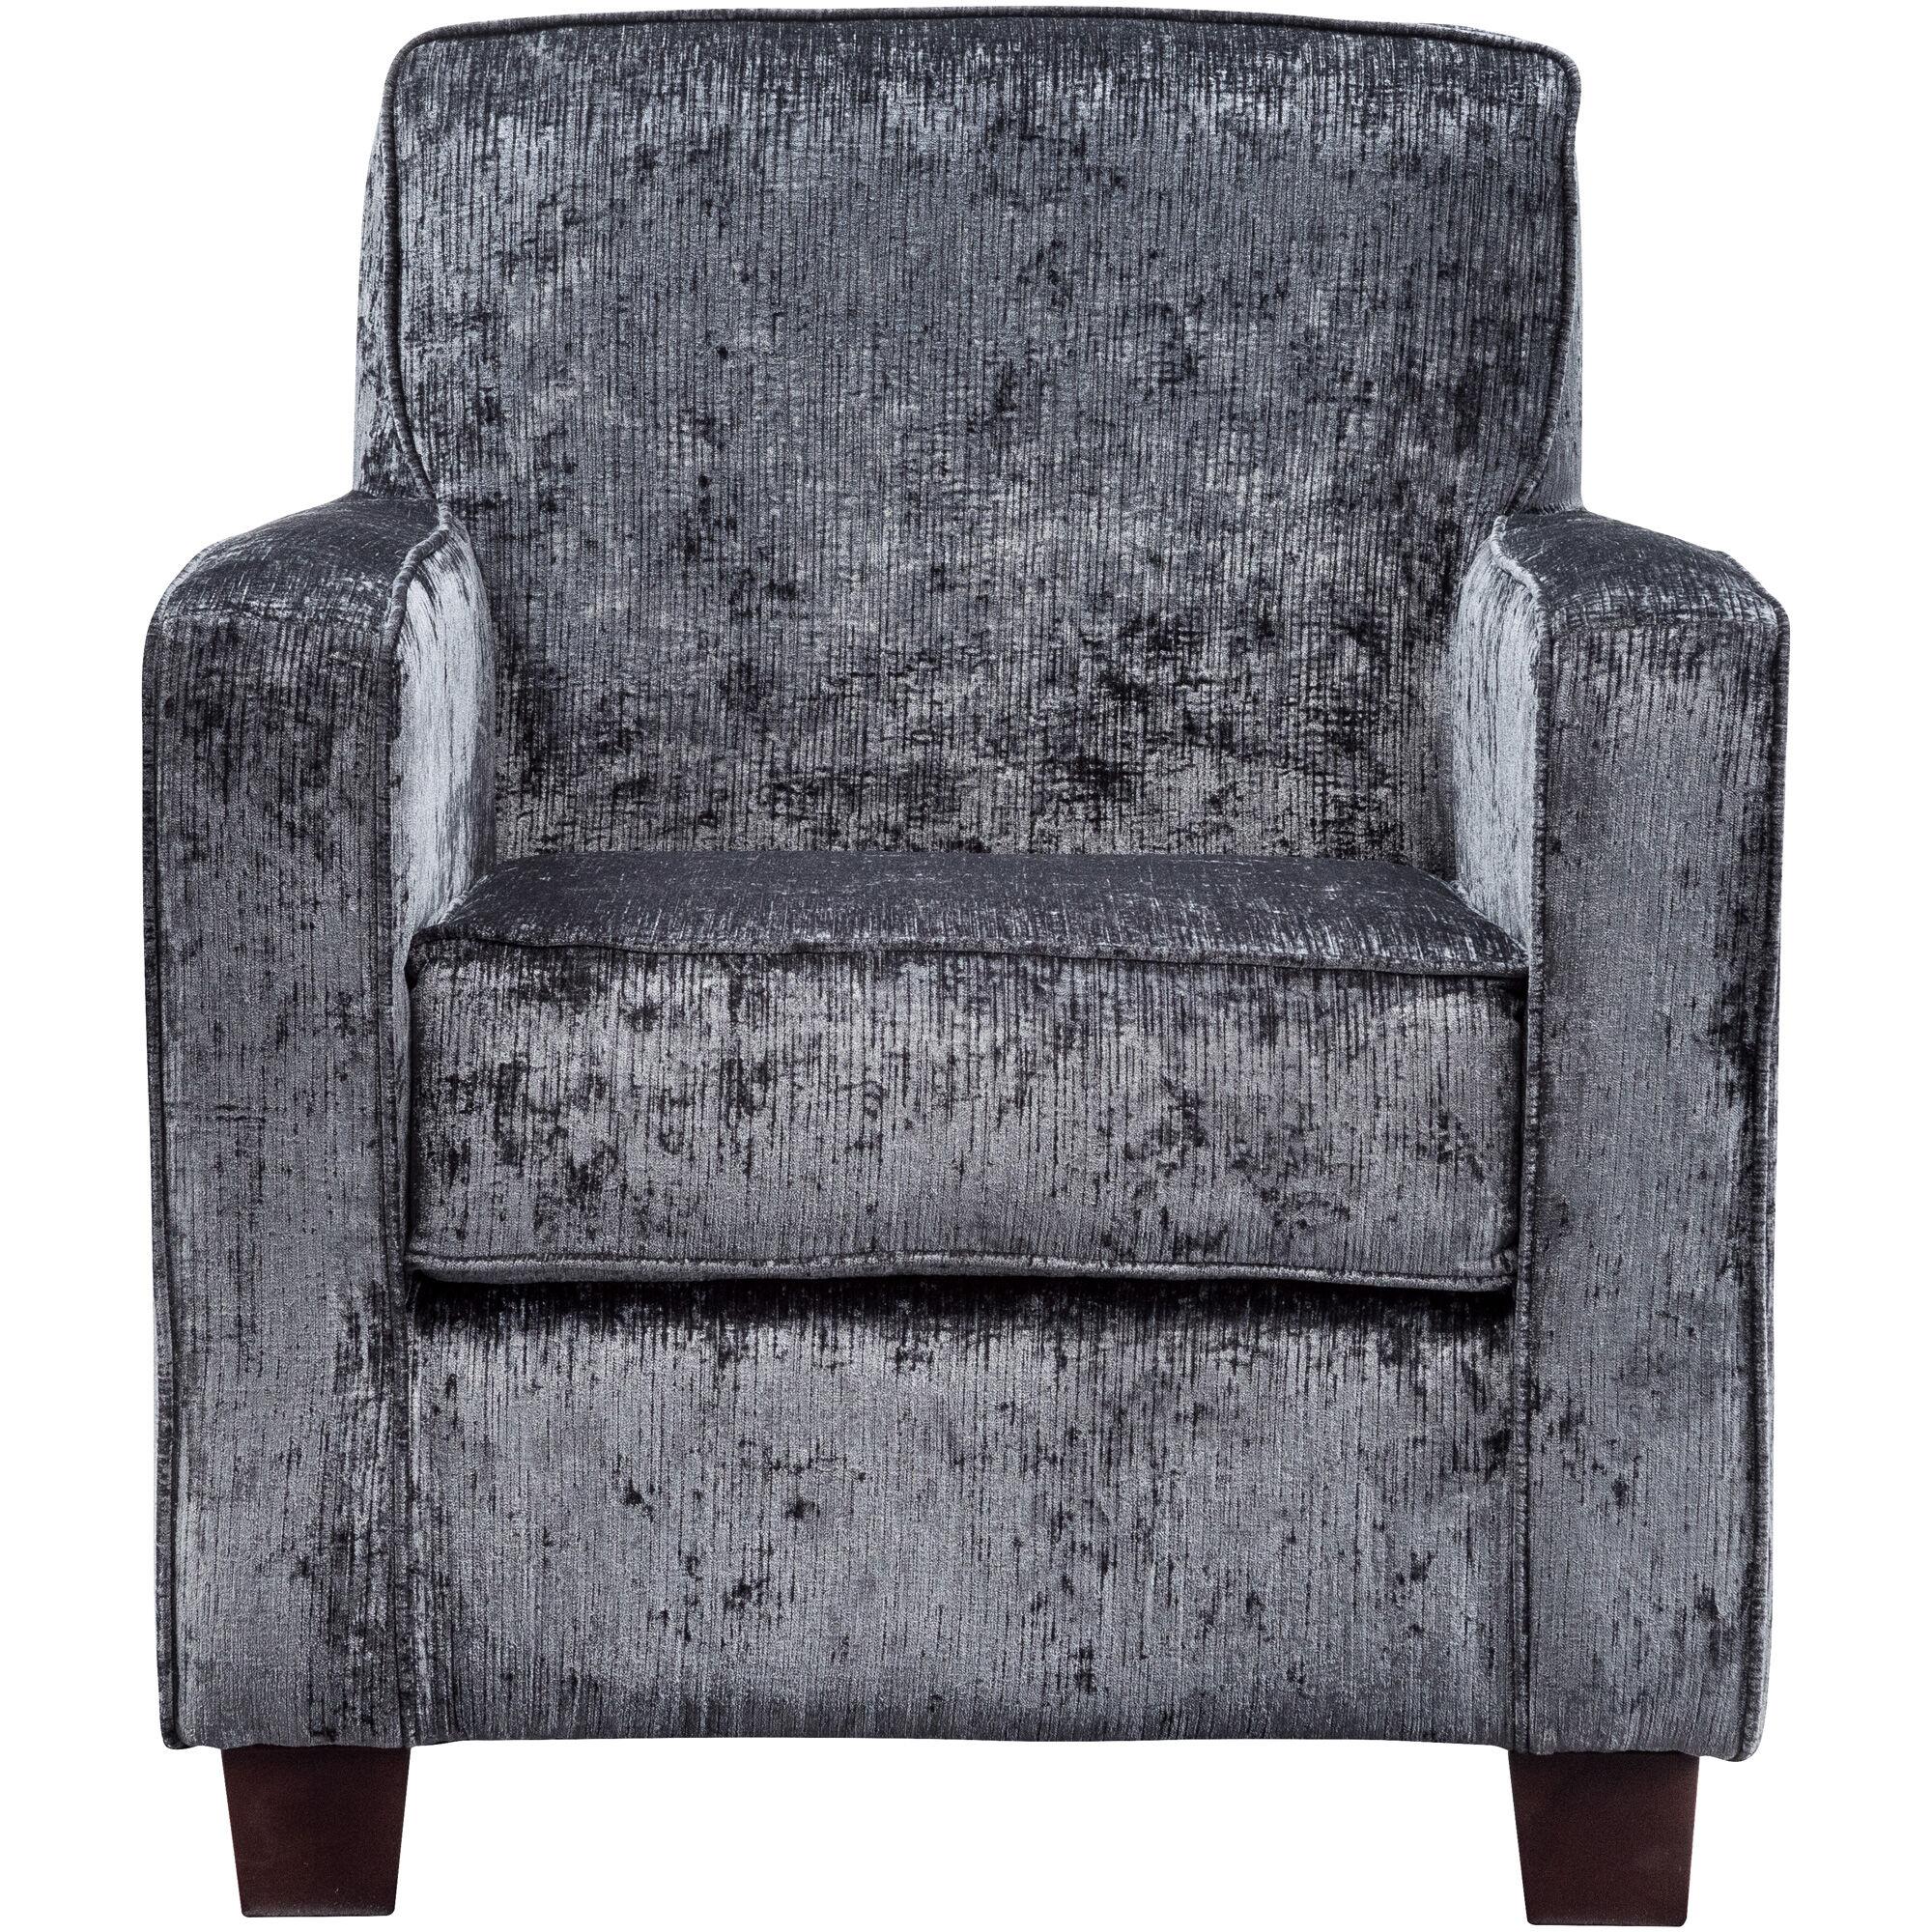 Johnston Dark Gray Accent Chair